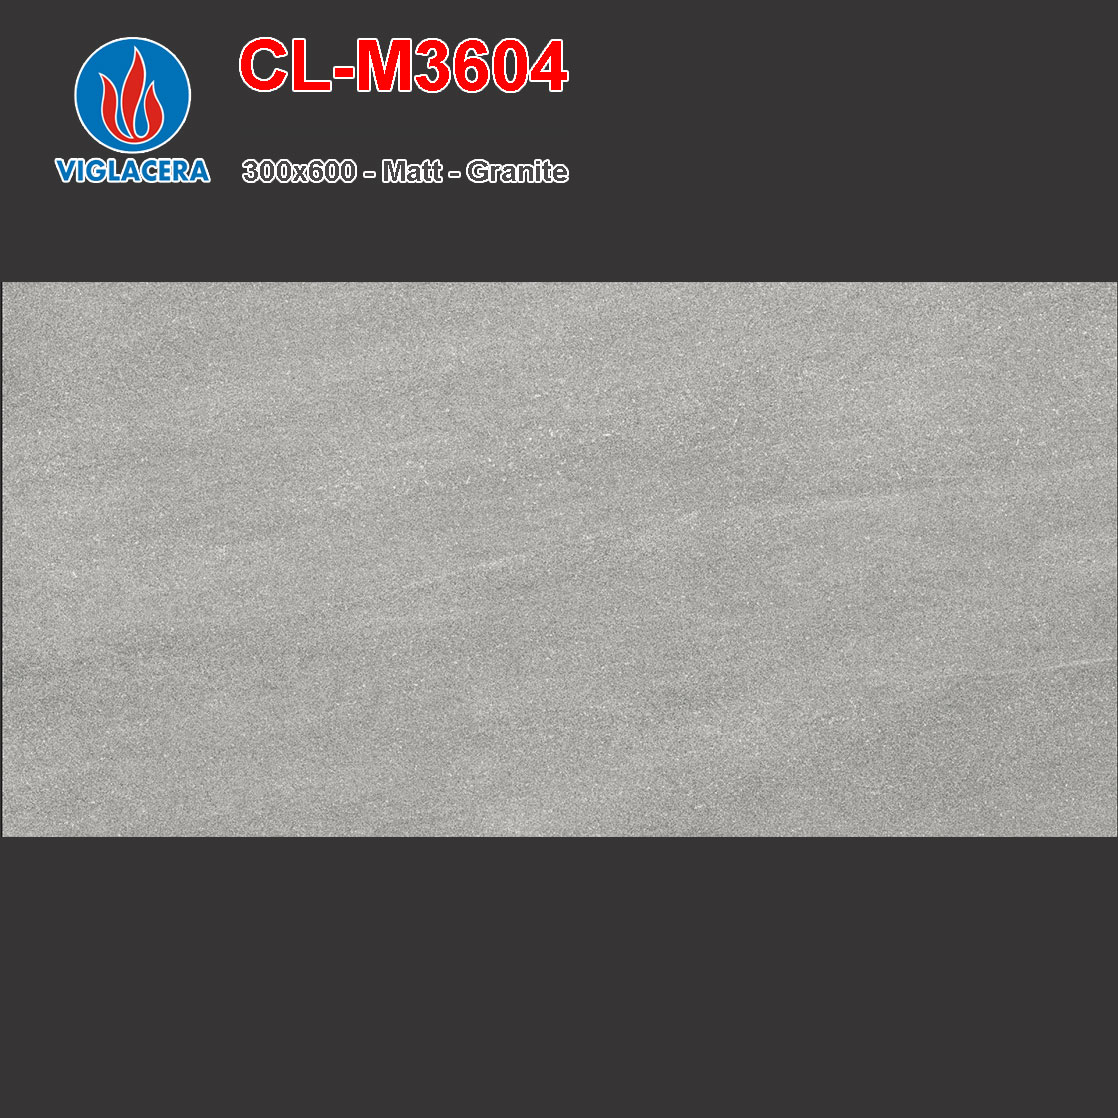 Gạch300x600 Viglacera Cửu Long CL-M3604 giá rẻ